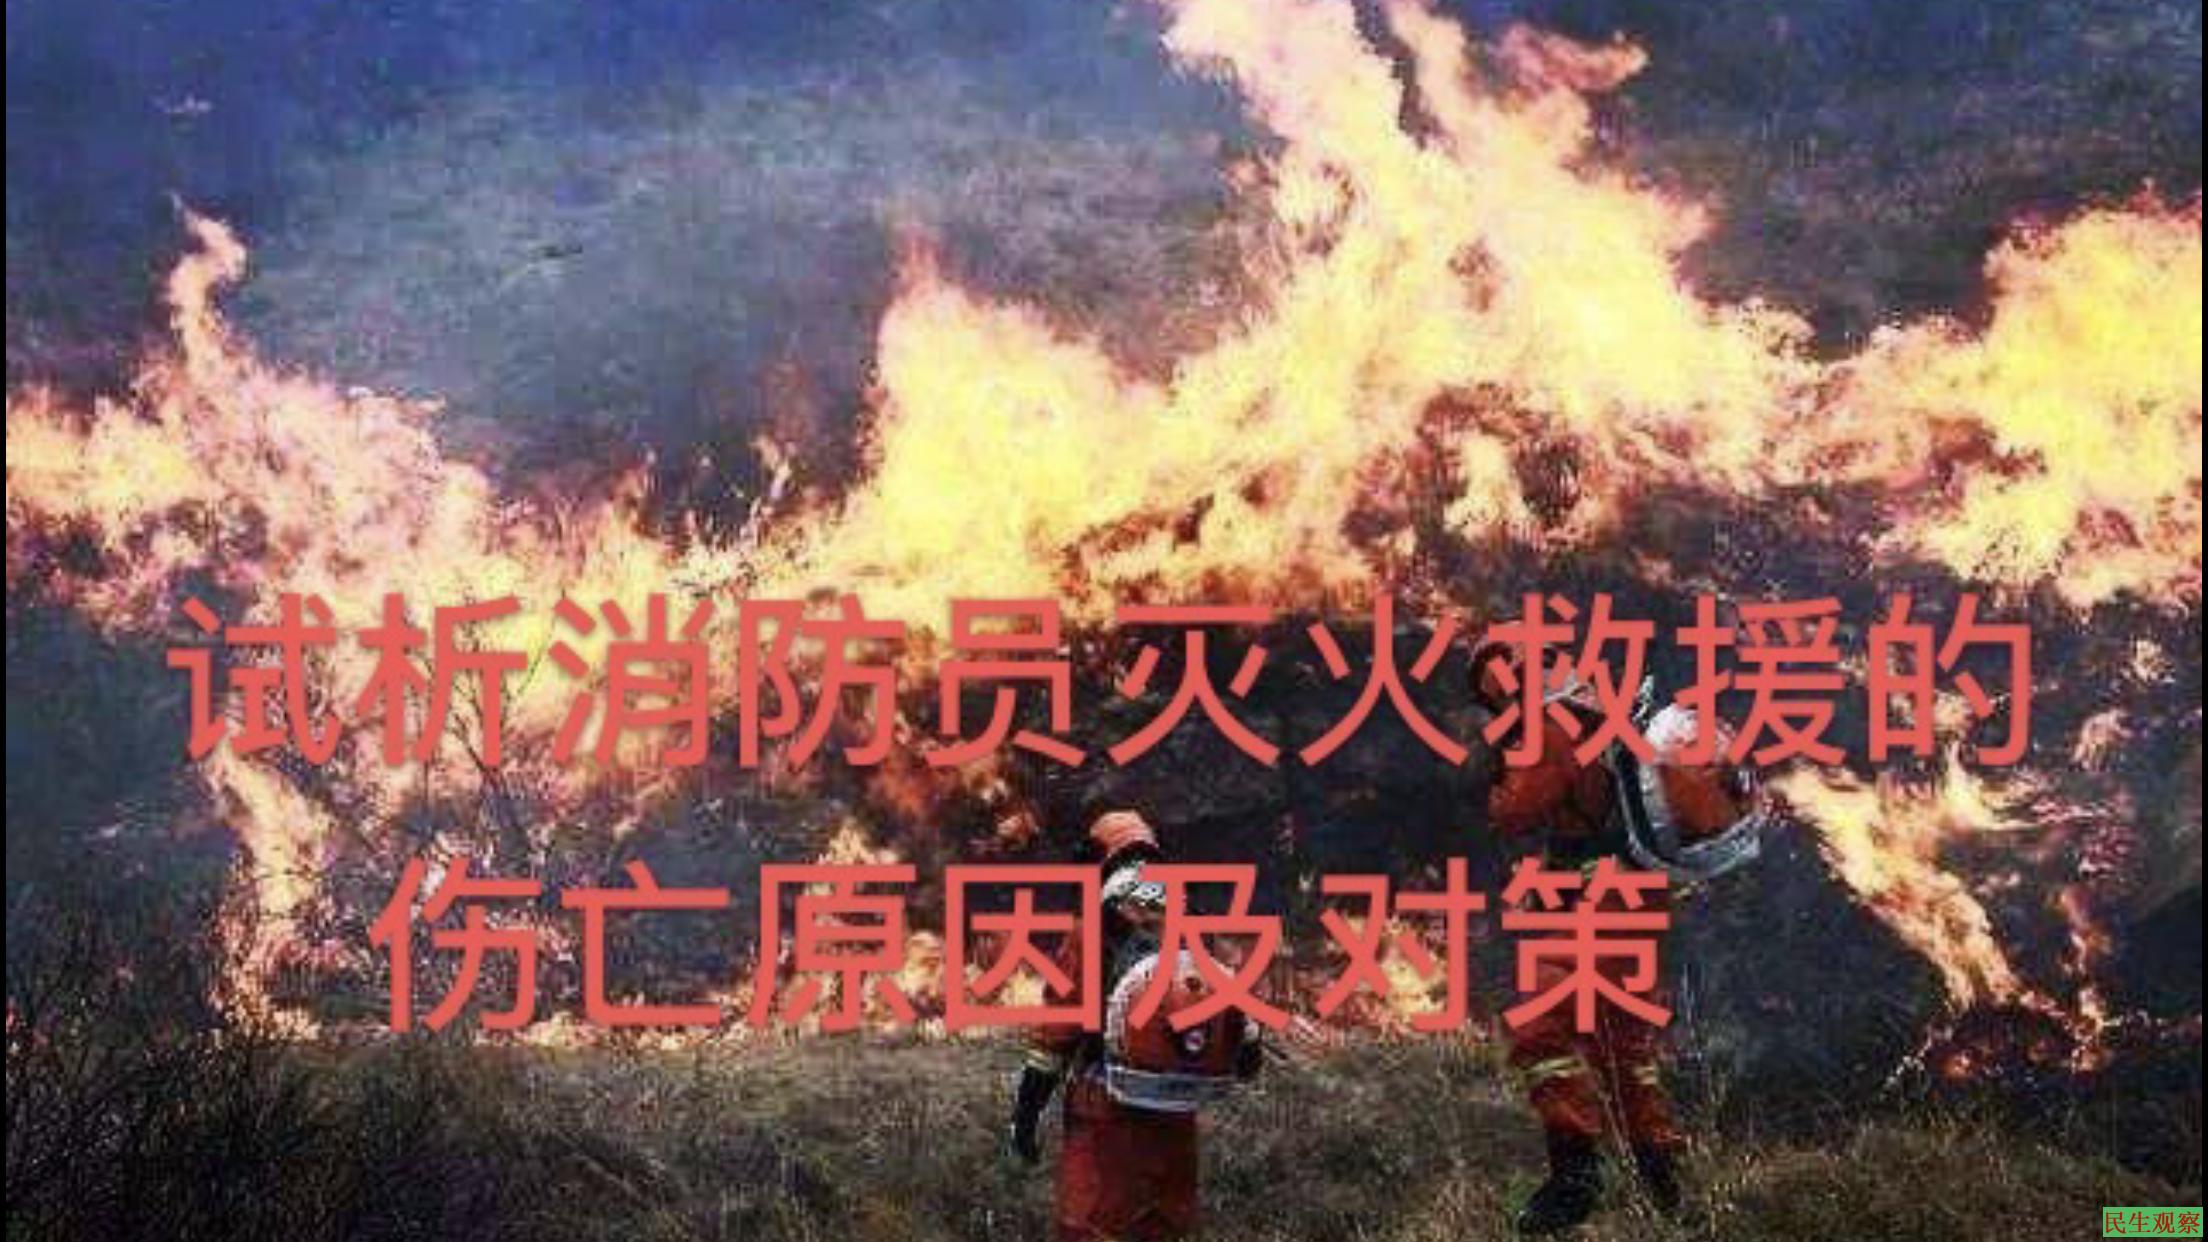 试析消防员灭火救援的伤亡原因及对策